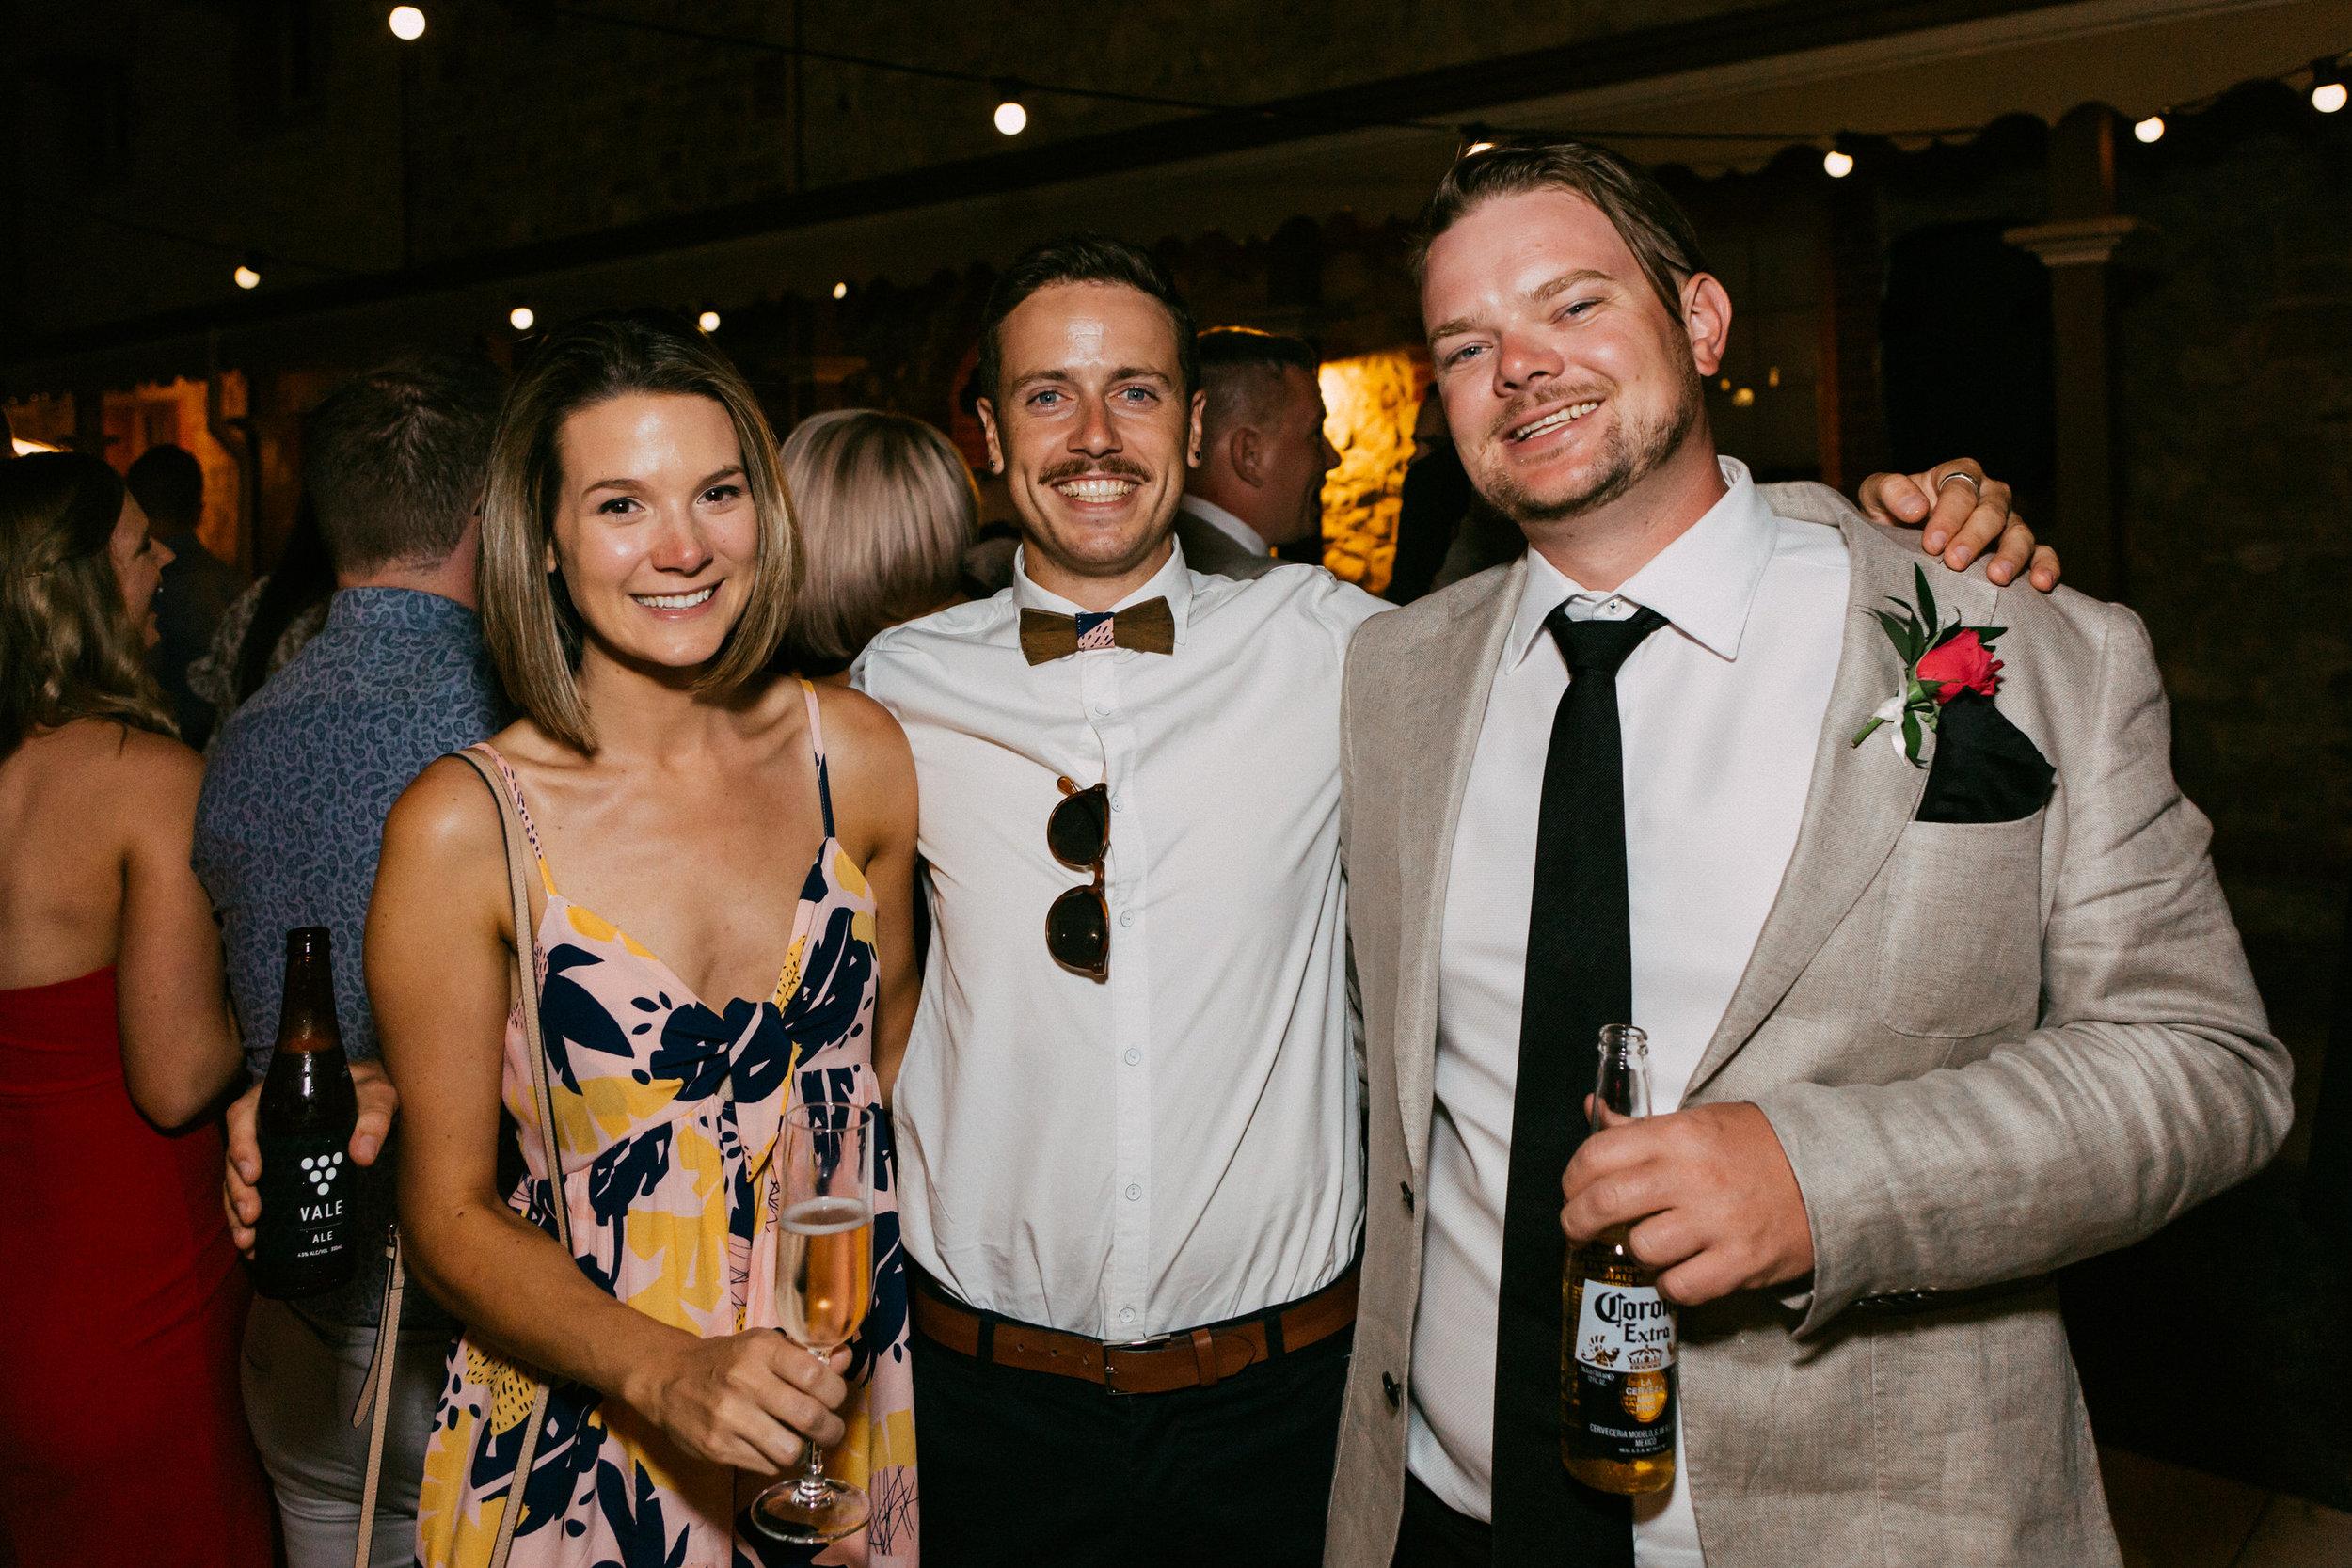 Adelaide City Fringe Garden Unearthly Delight Wedding 125.jpg